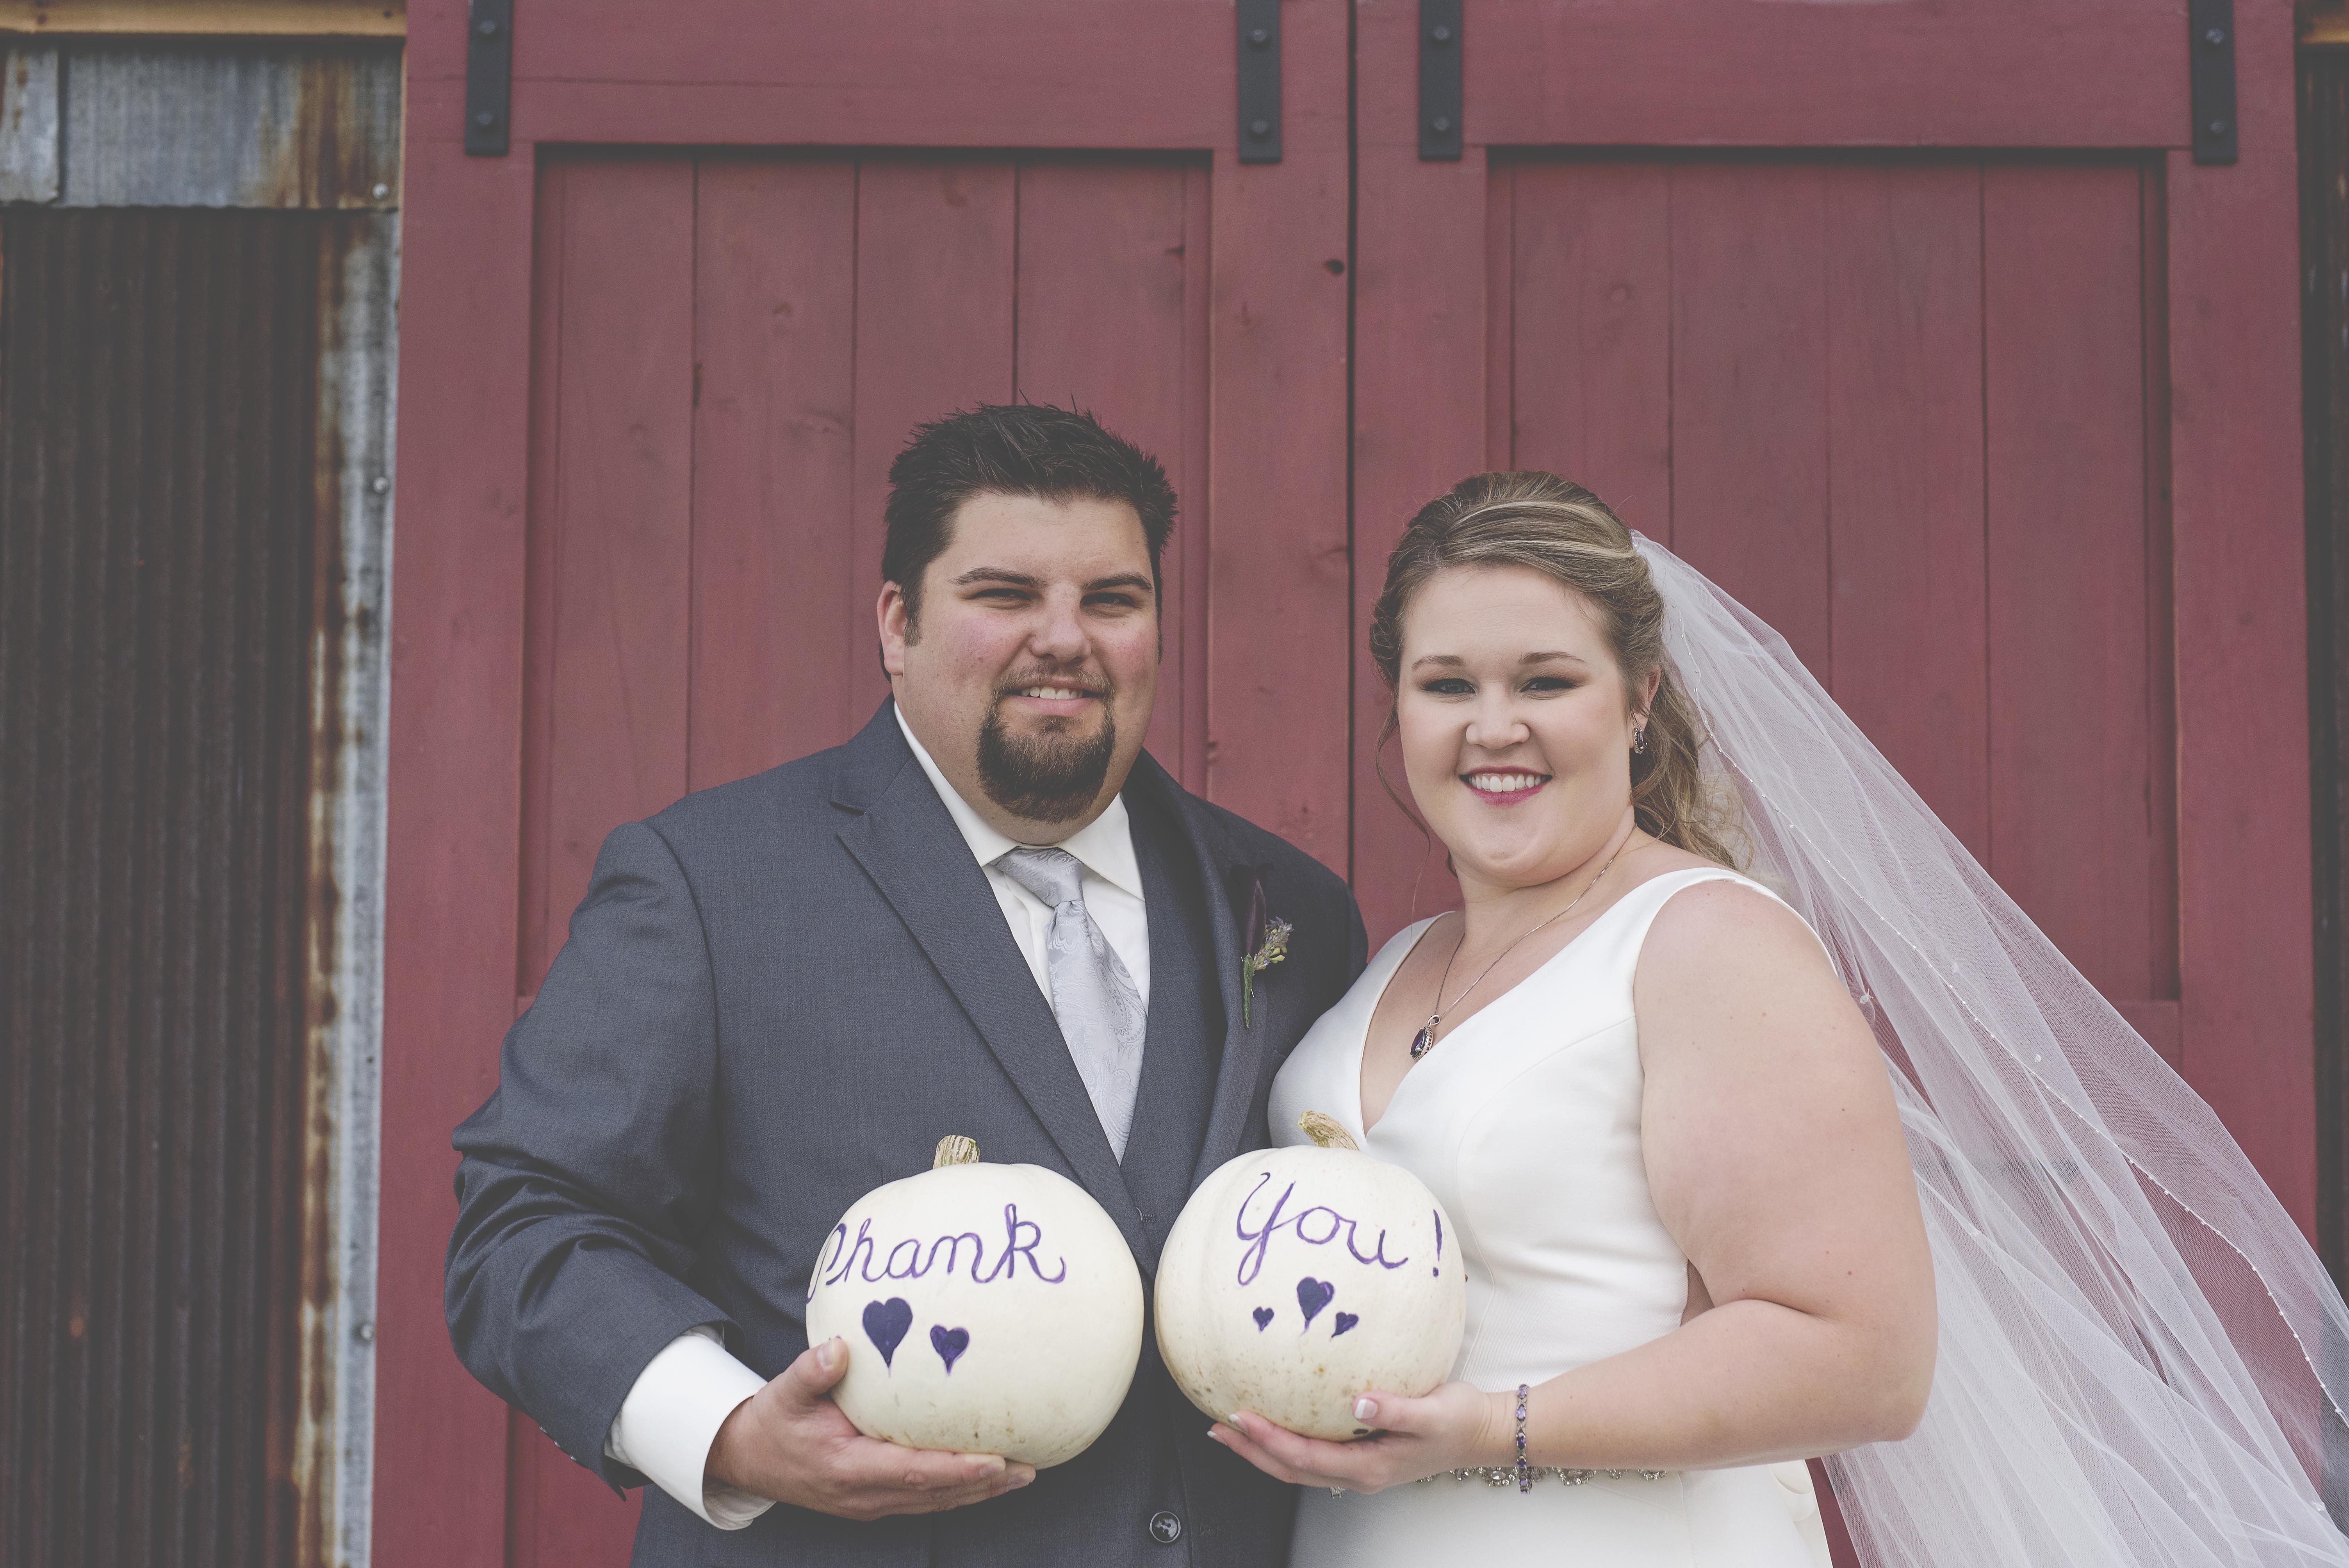 Zach & Hannah - October 2017